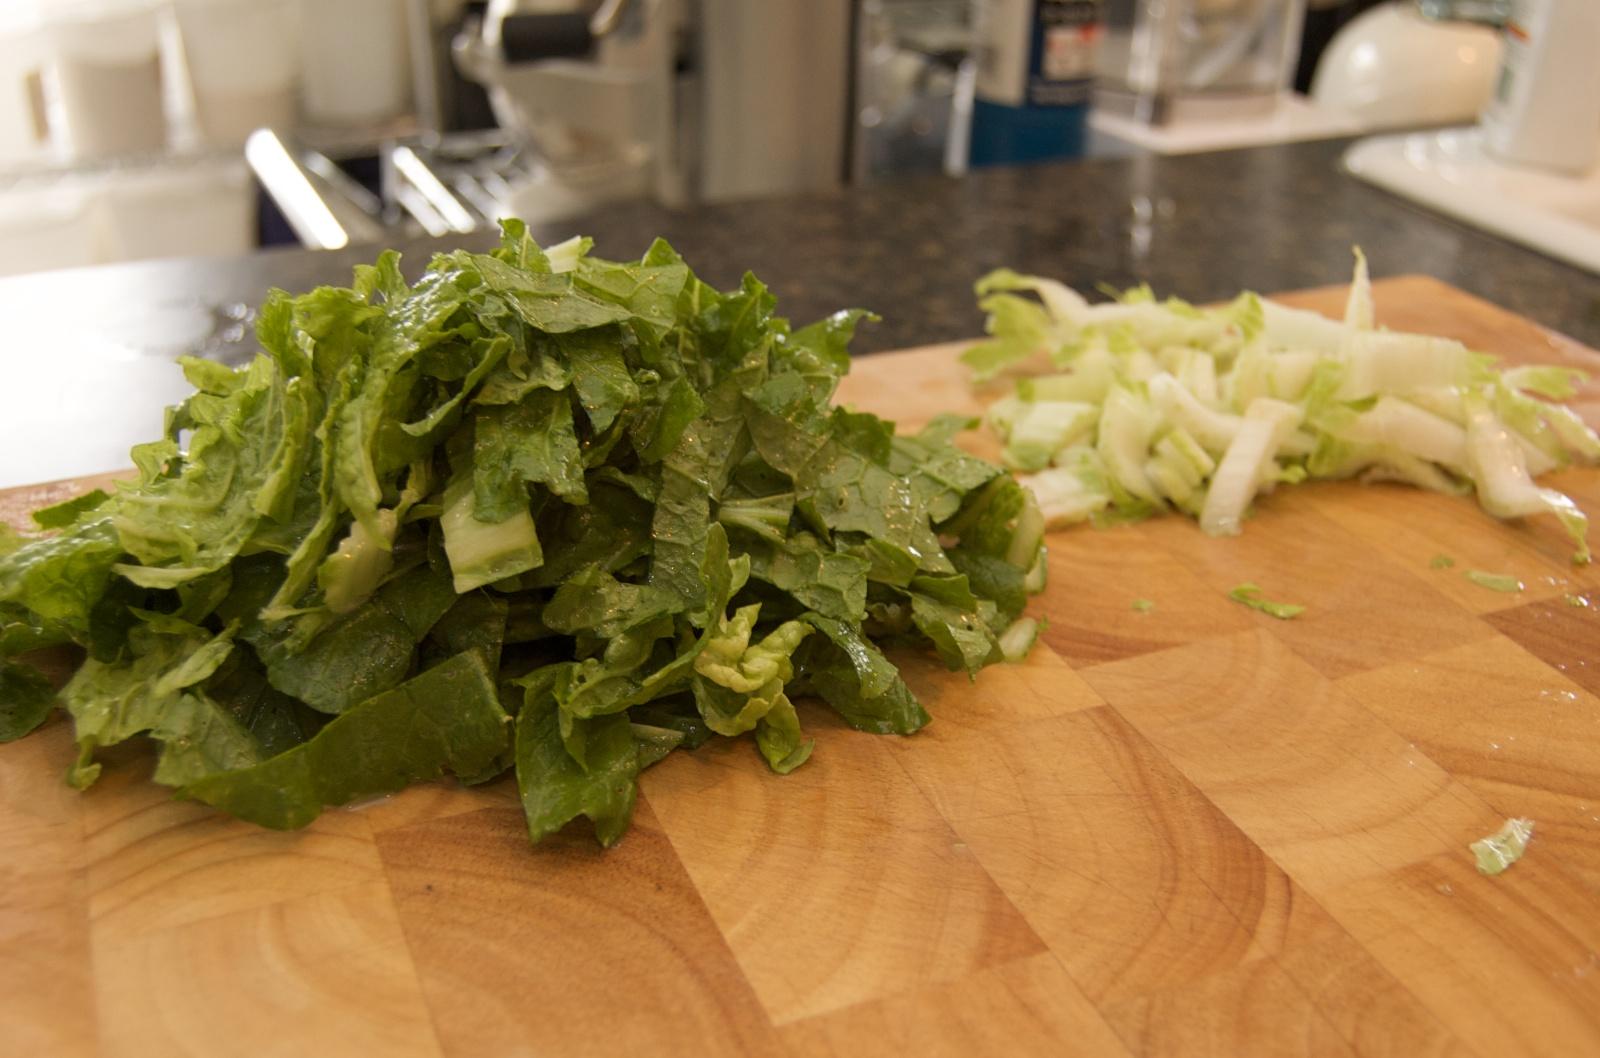 http://blog.rickk.com/food/2010/06/27/turkeycabbage2.jpg